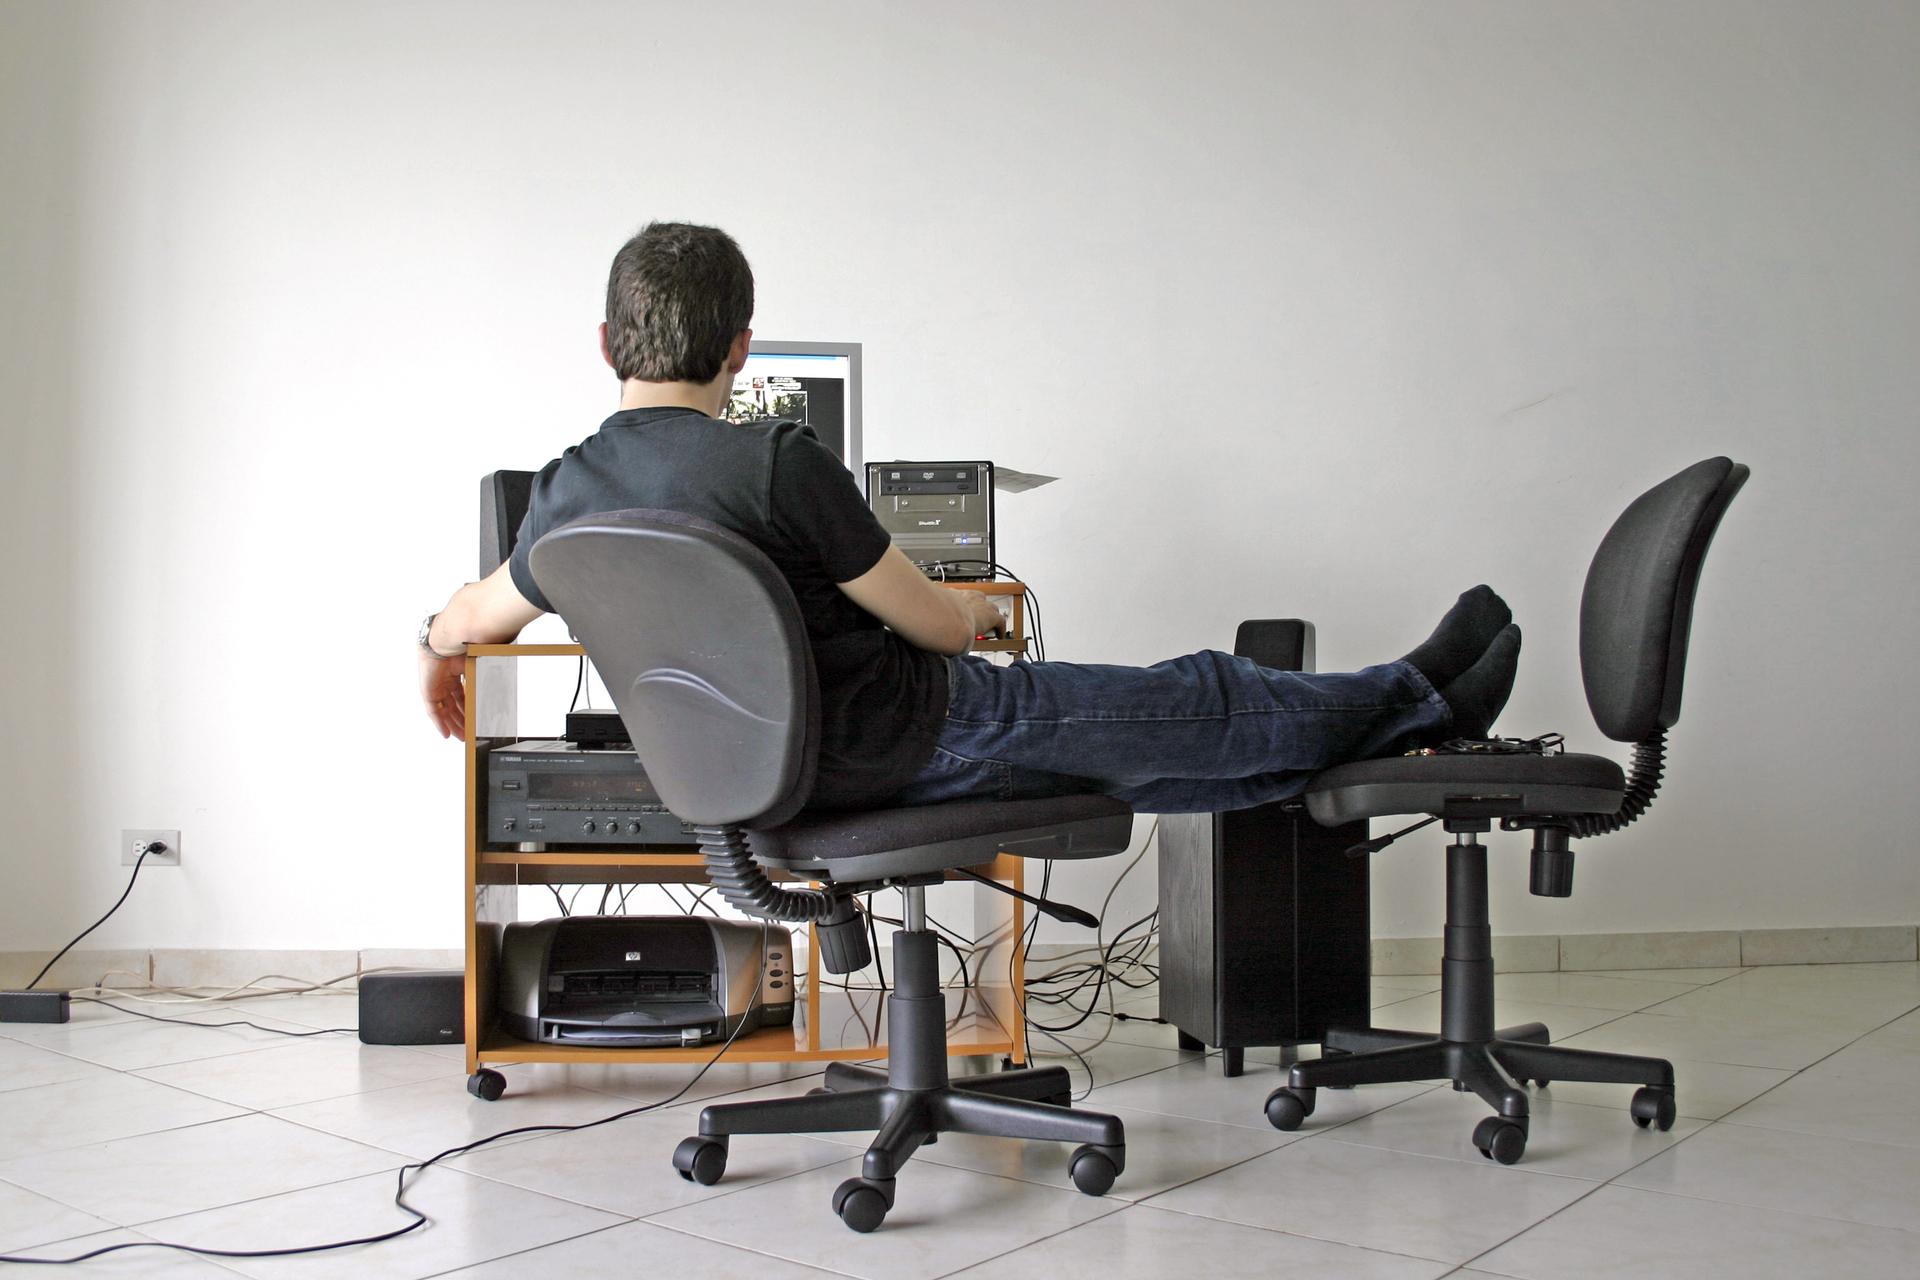 Estar sentado durante 10 minutos es suficiente para reducir la circulación sanguínea de las piernas